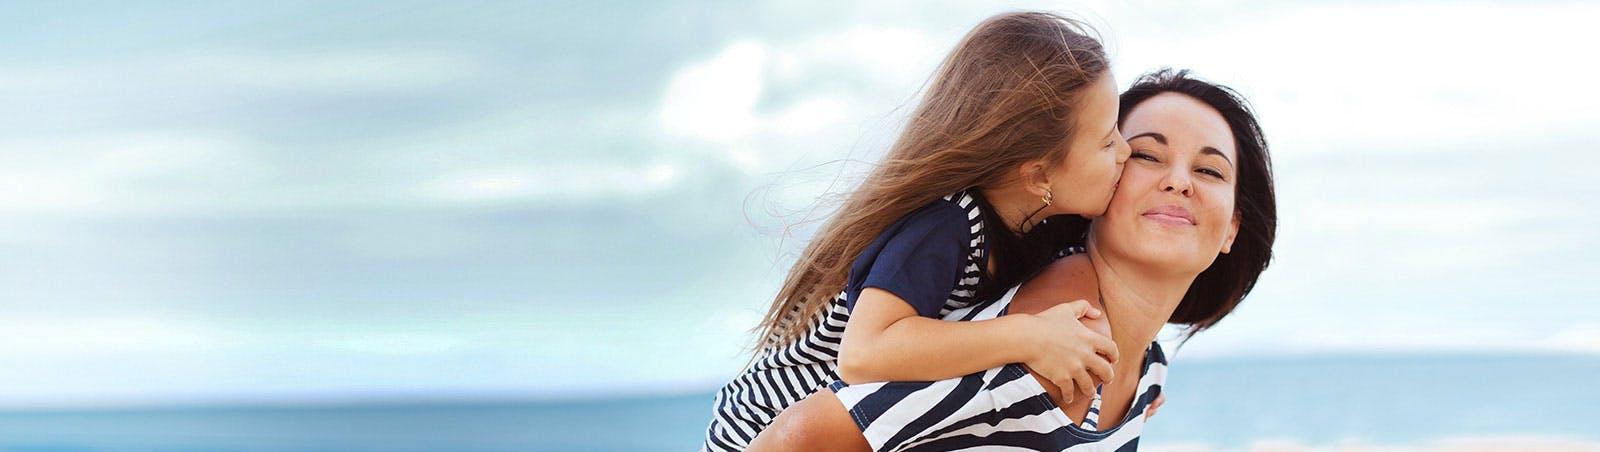 Banner - Ochrona skóry przed promieniowaniem UV